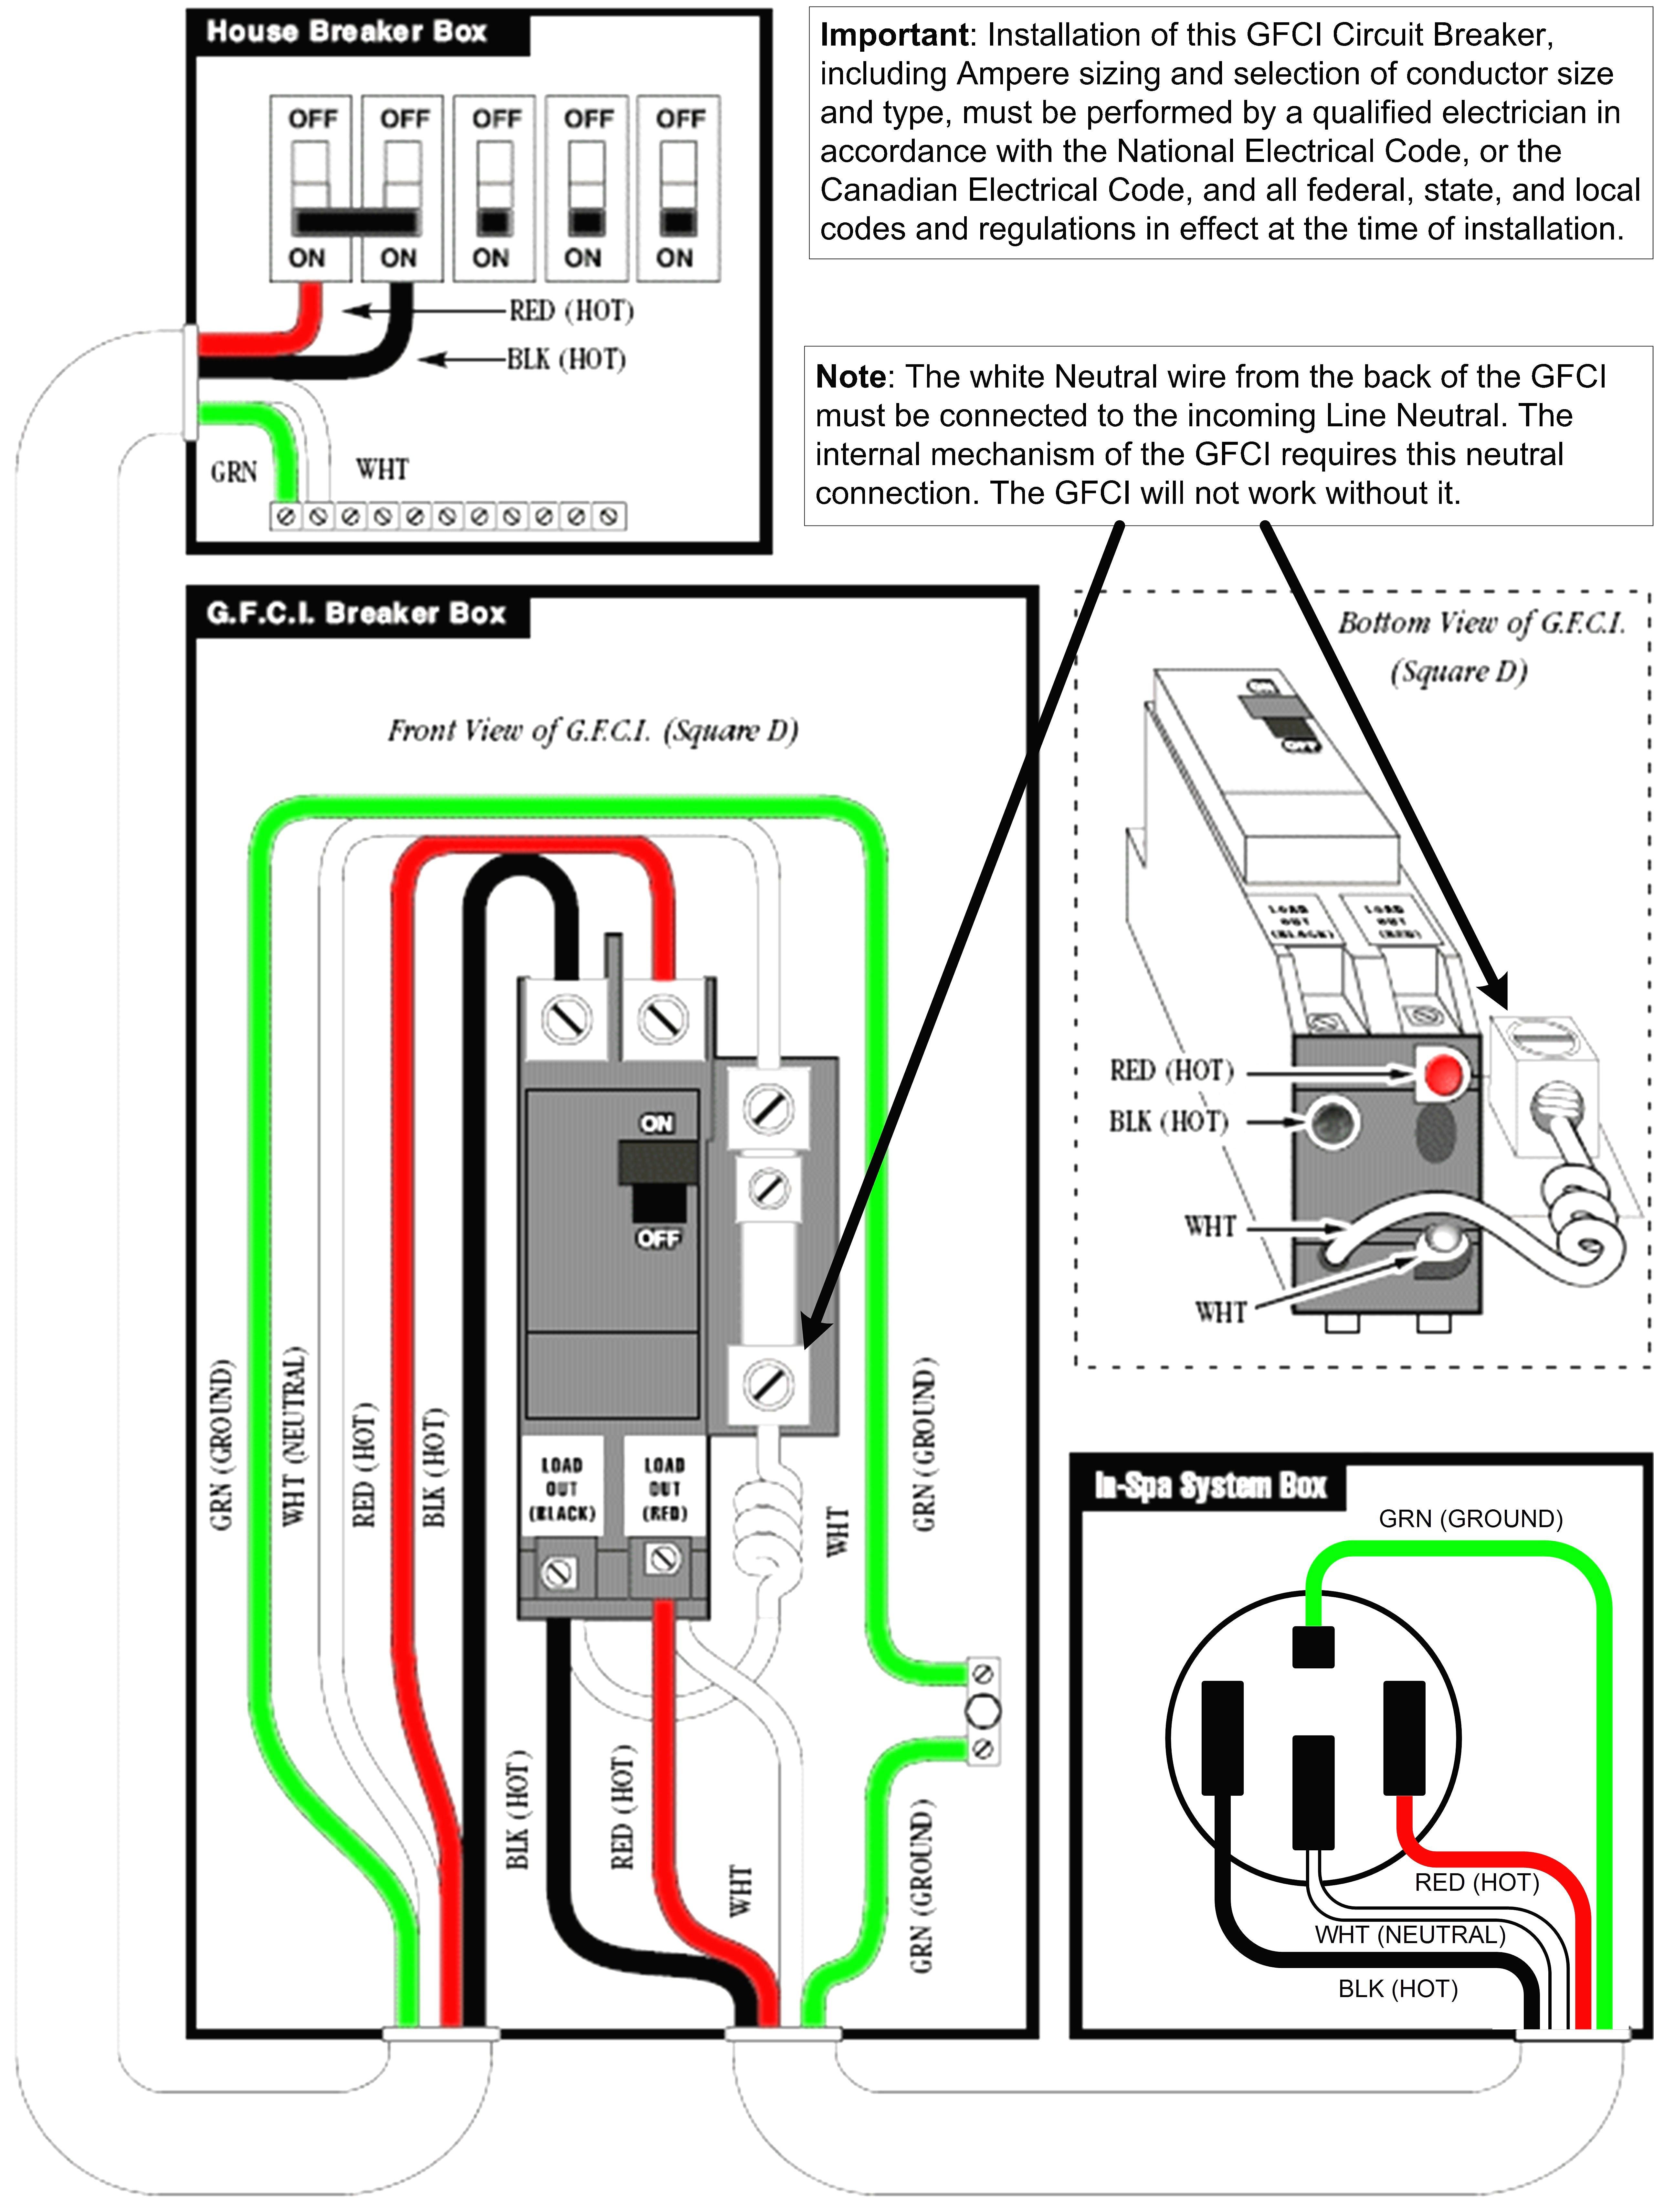 220V 4 Wire Diagram - Wiring Diagram Data - 4 Wire 220 Volt Wiring Diagram